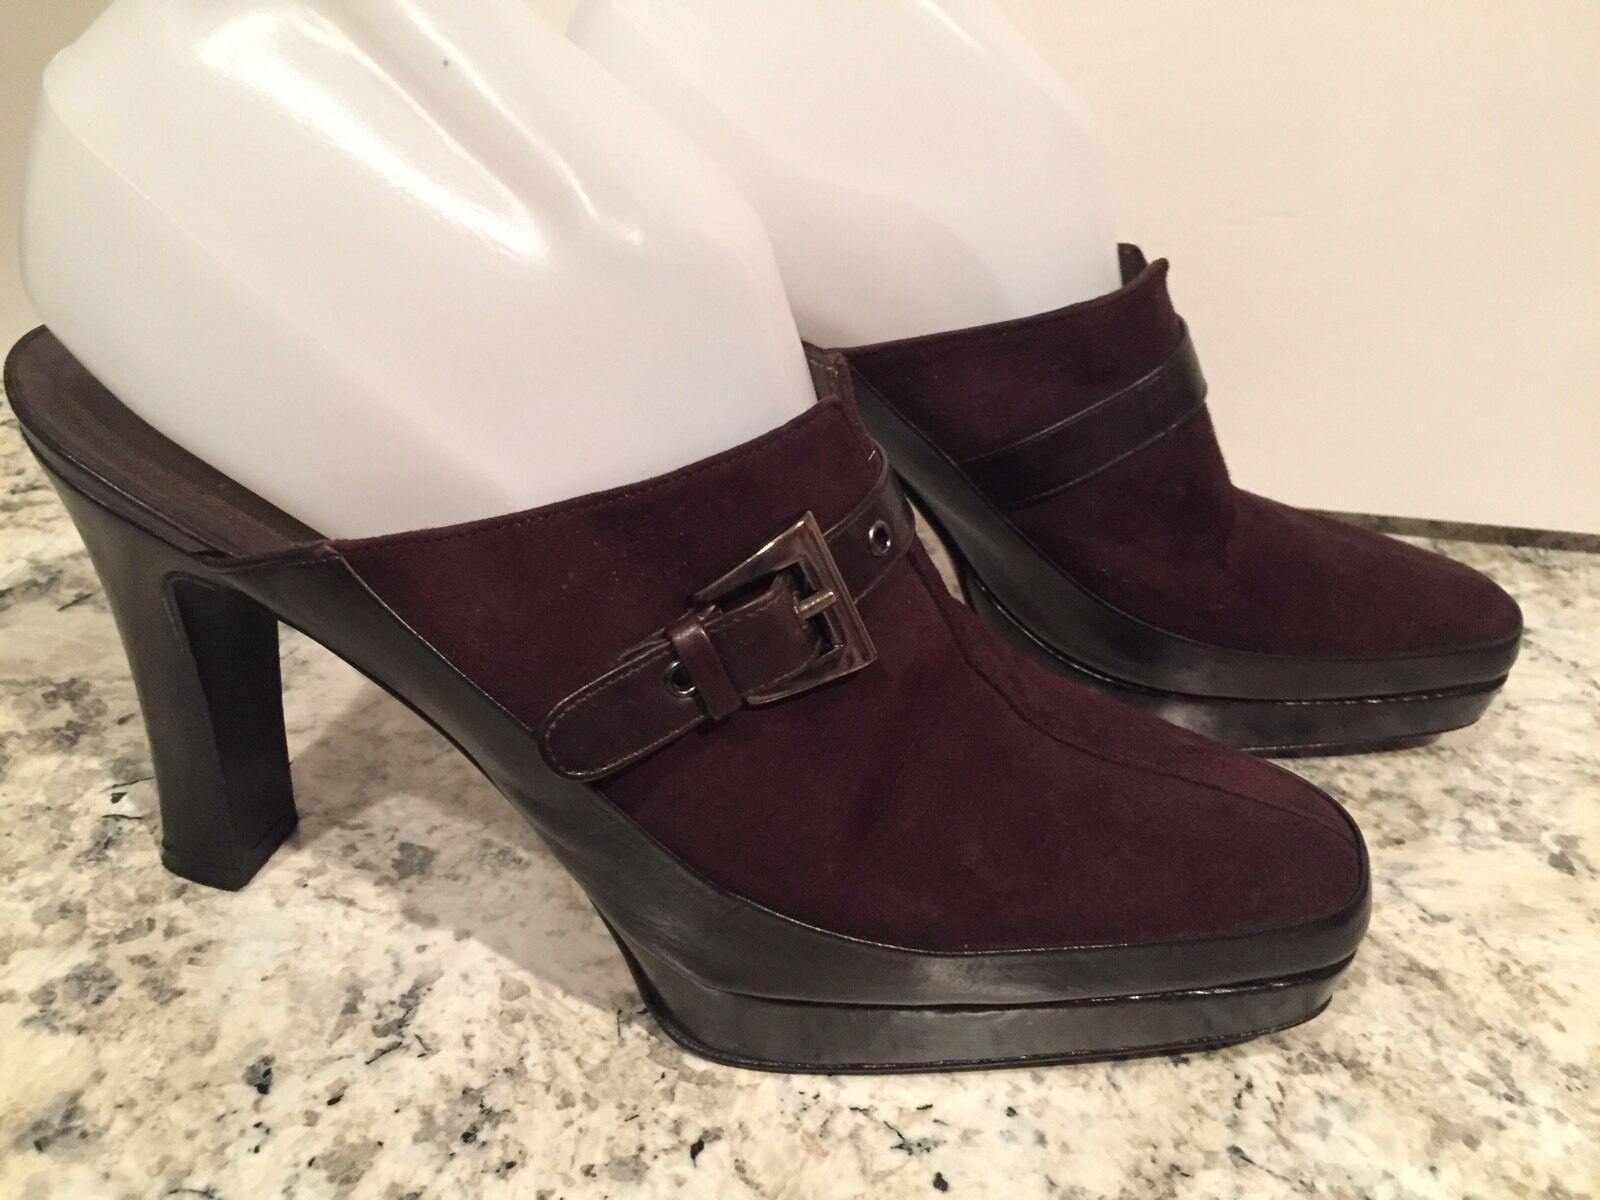 Stuart Weitzman shoes Pumps Slides Clogs Heel Suede Leather Brown Black 7.5 M